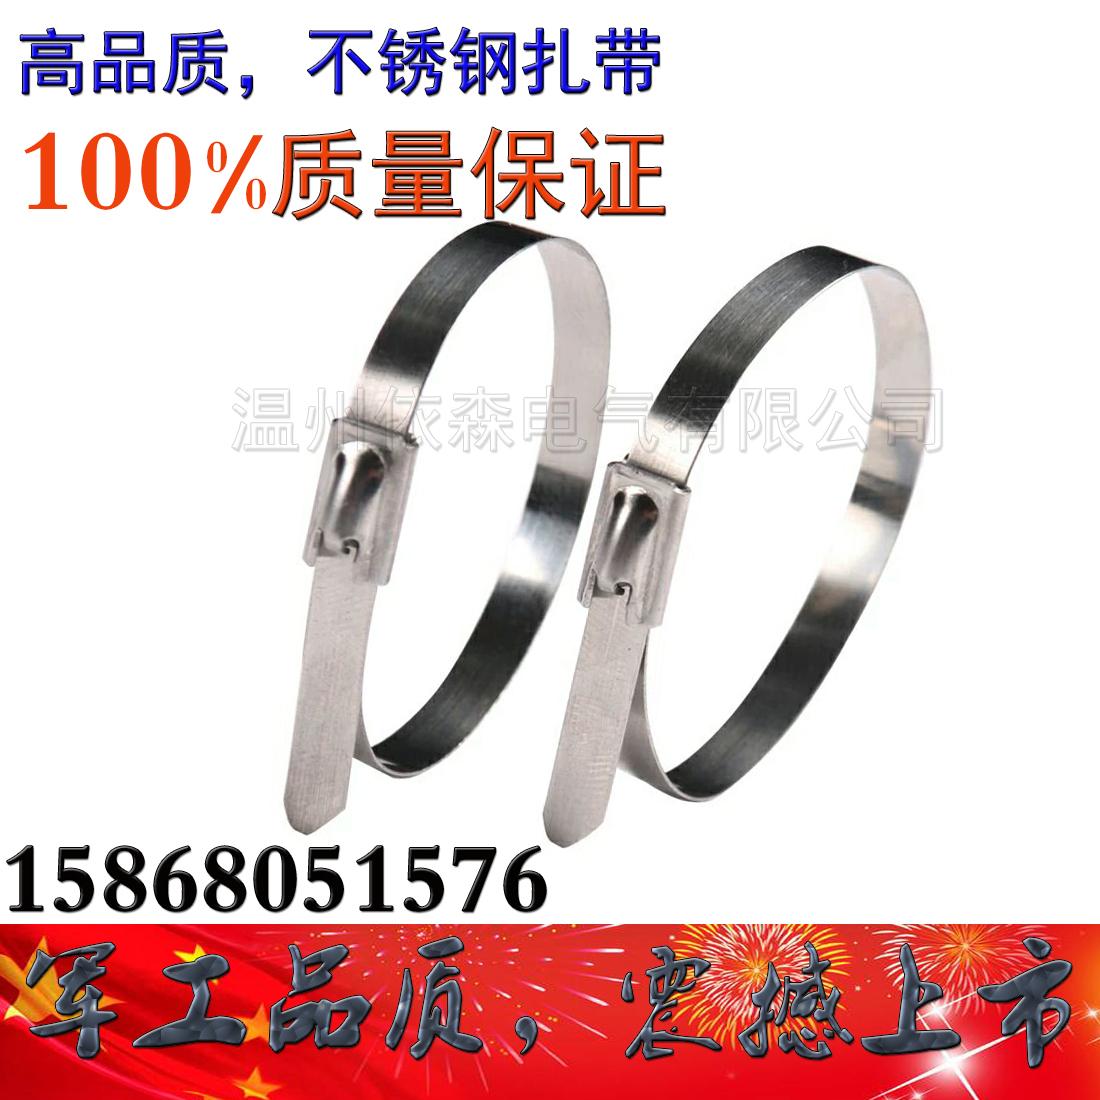 304不锈钢扎带生产厂家4.6* 304不锈钢扎带厂家自锁式扎带